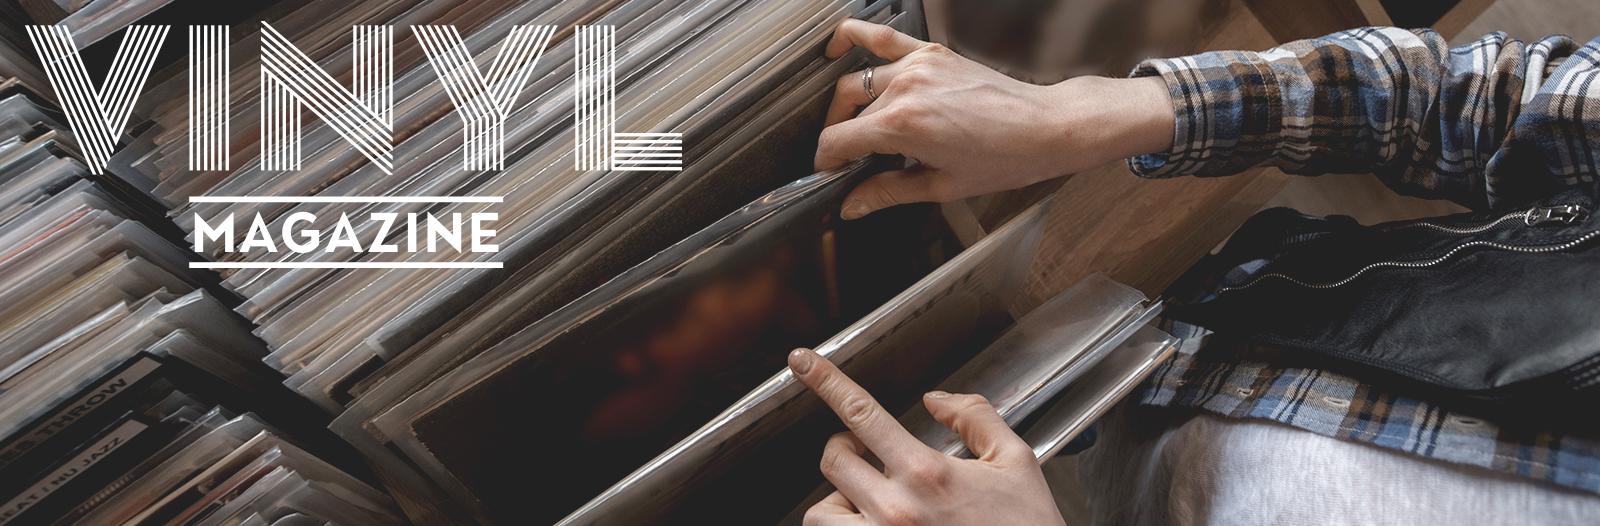 Vinyl Magazine/Abonnement